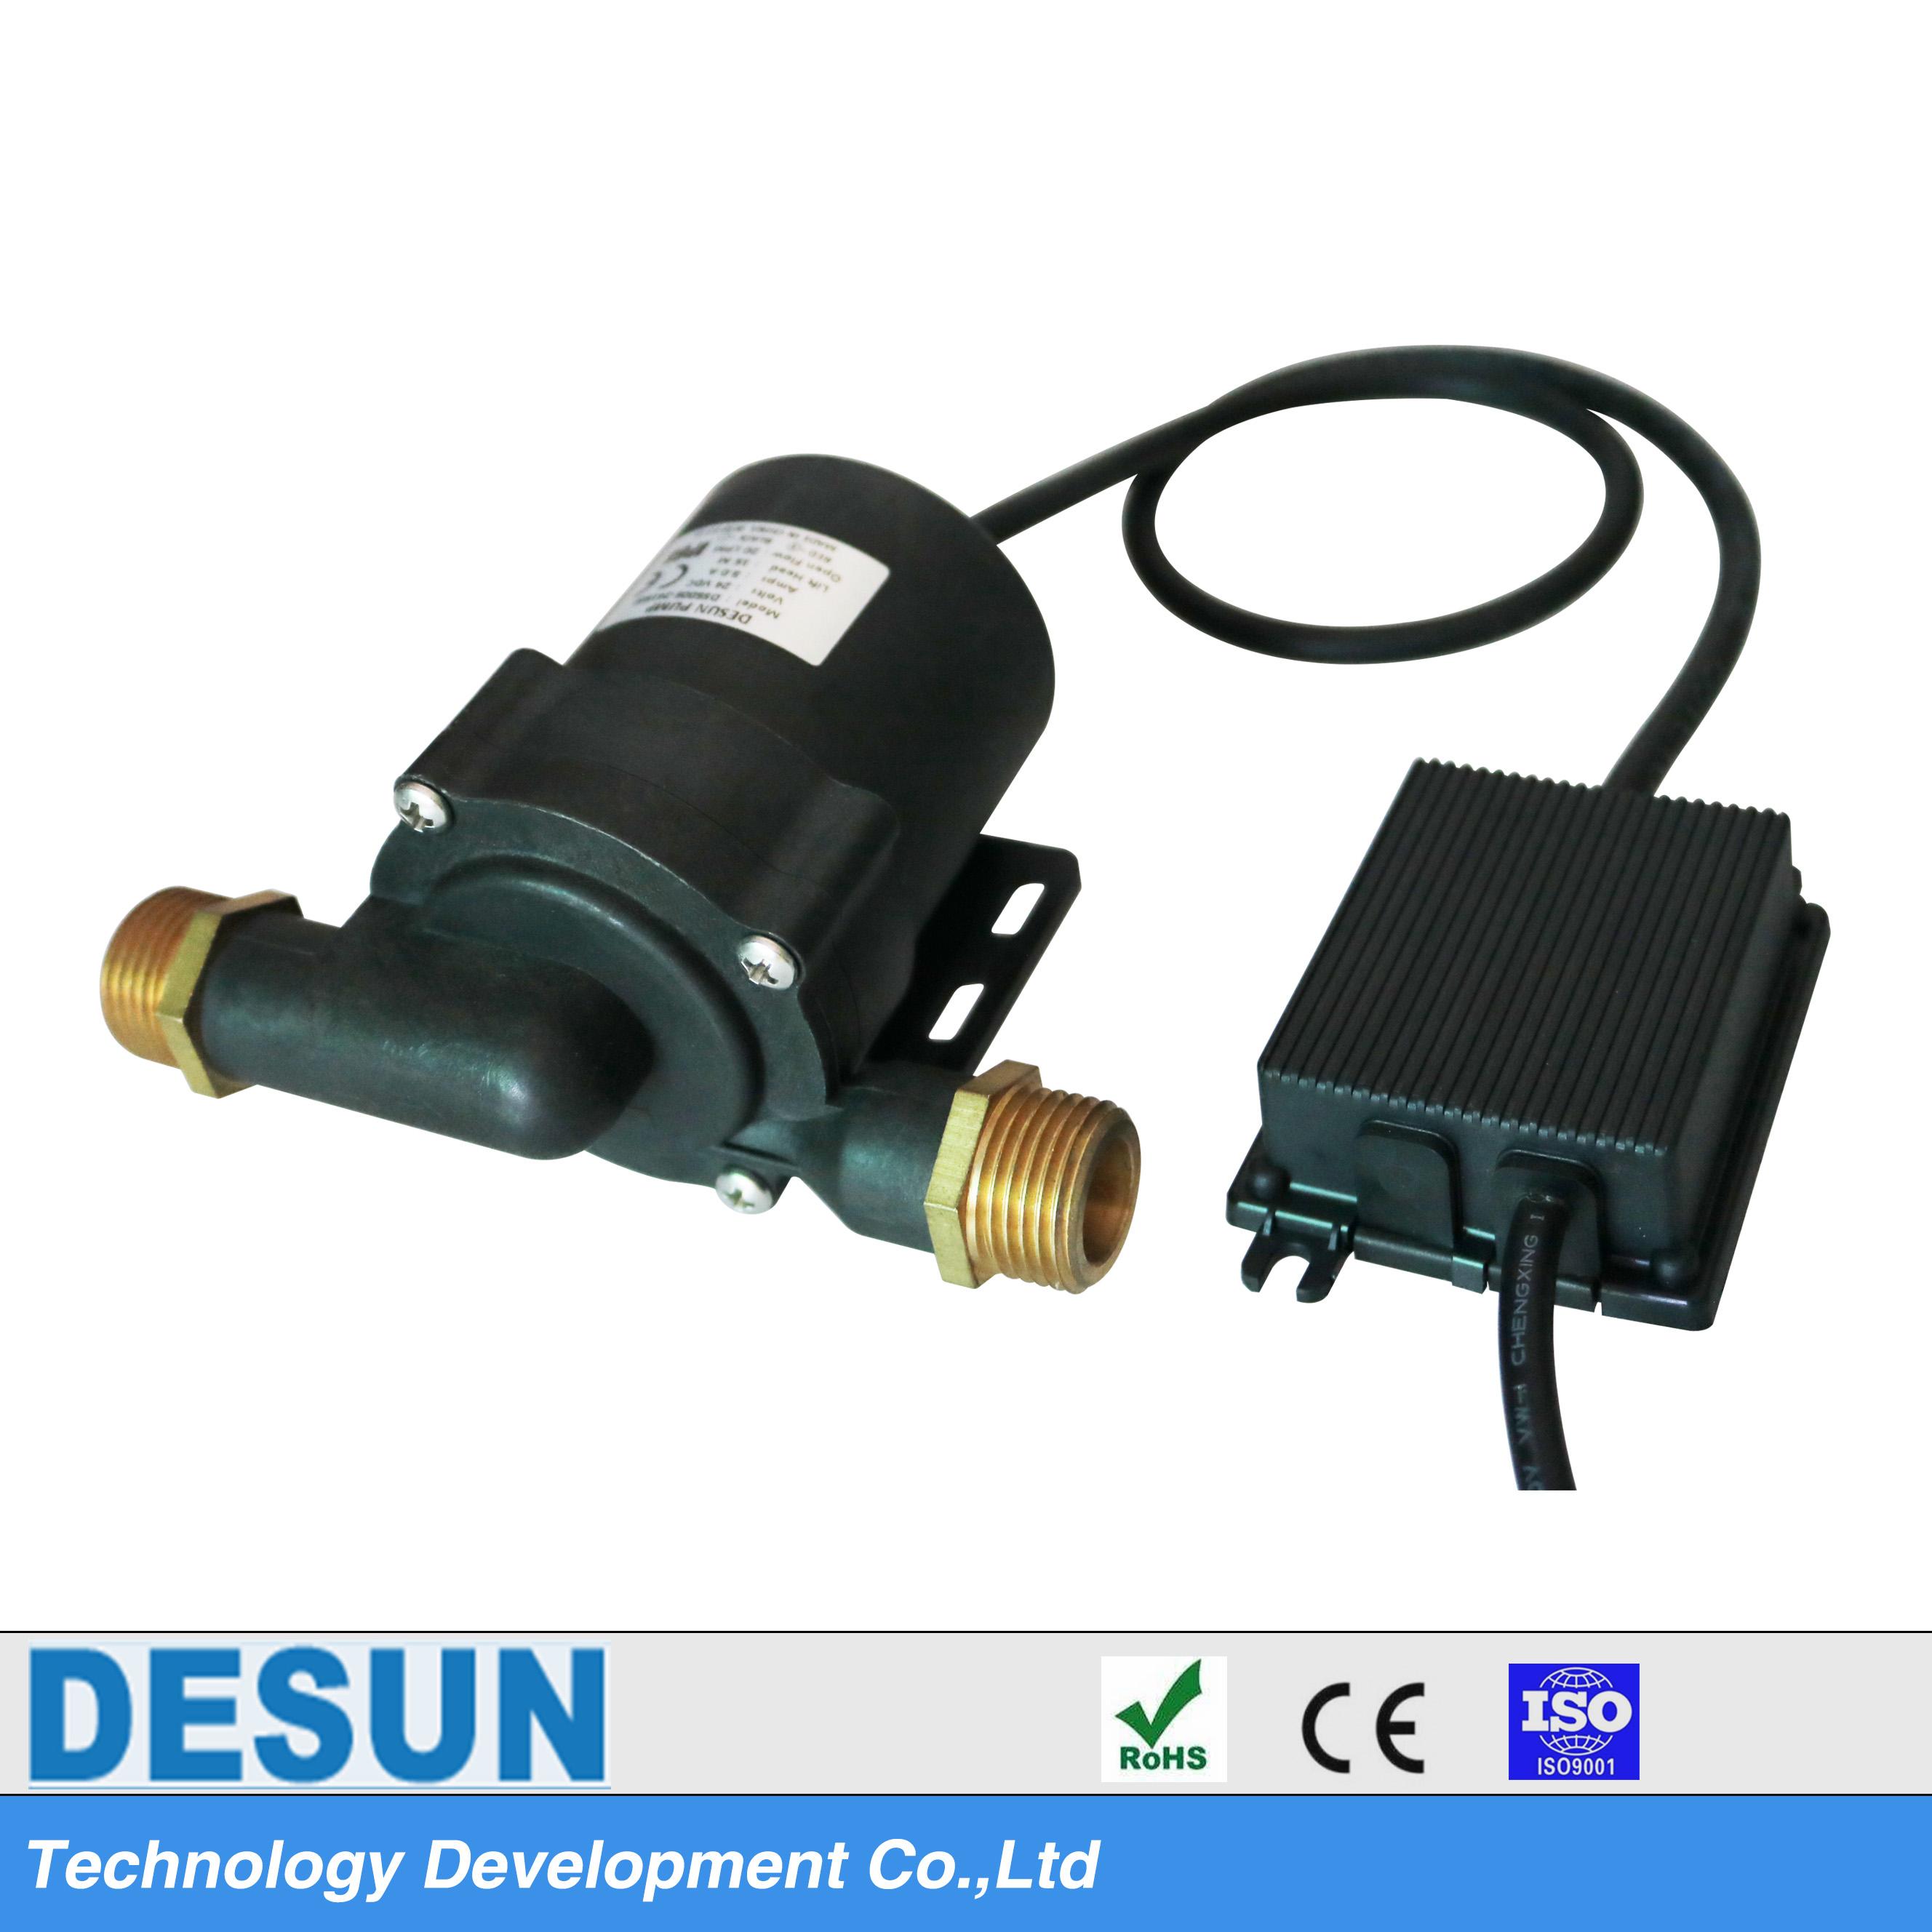 微型循环汽车电子水泵DS5005